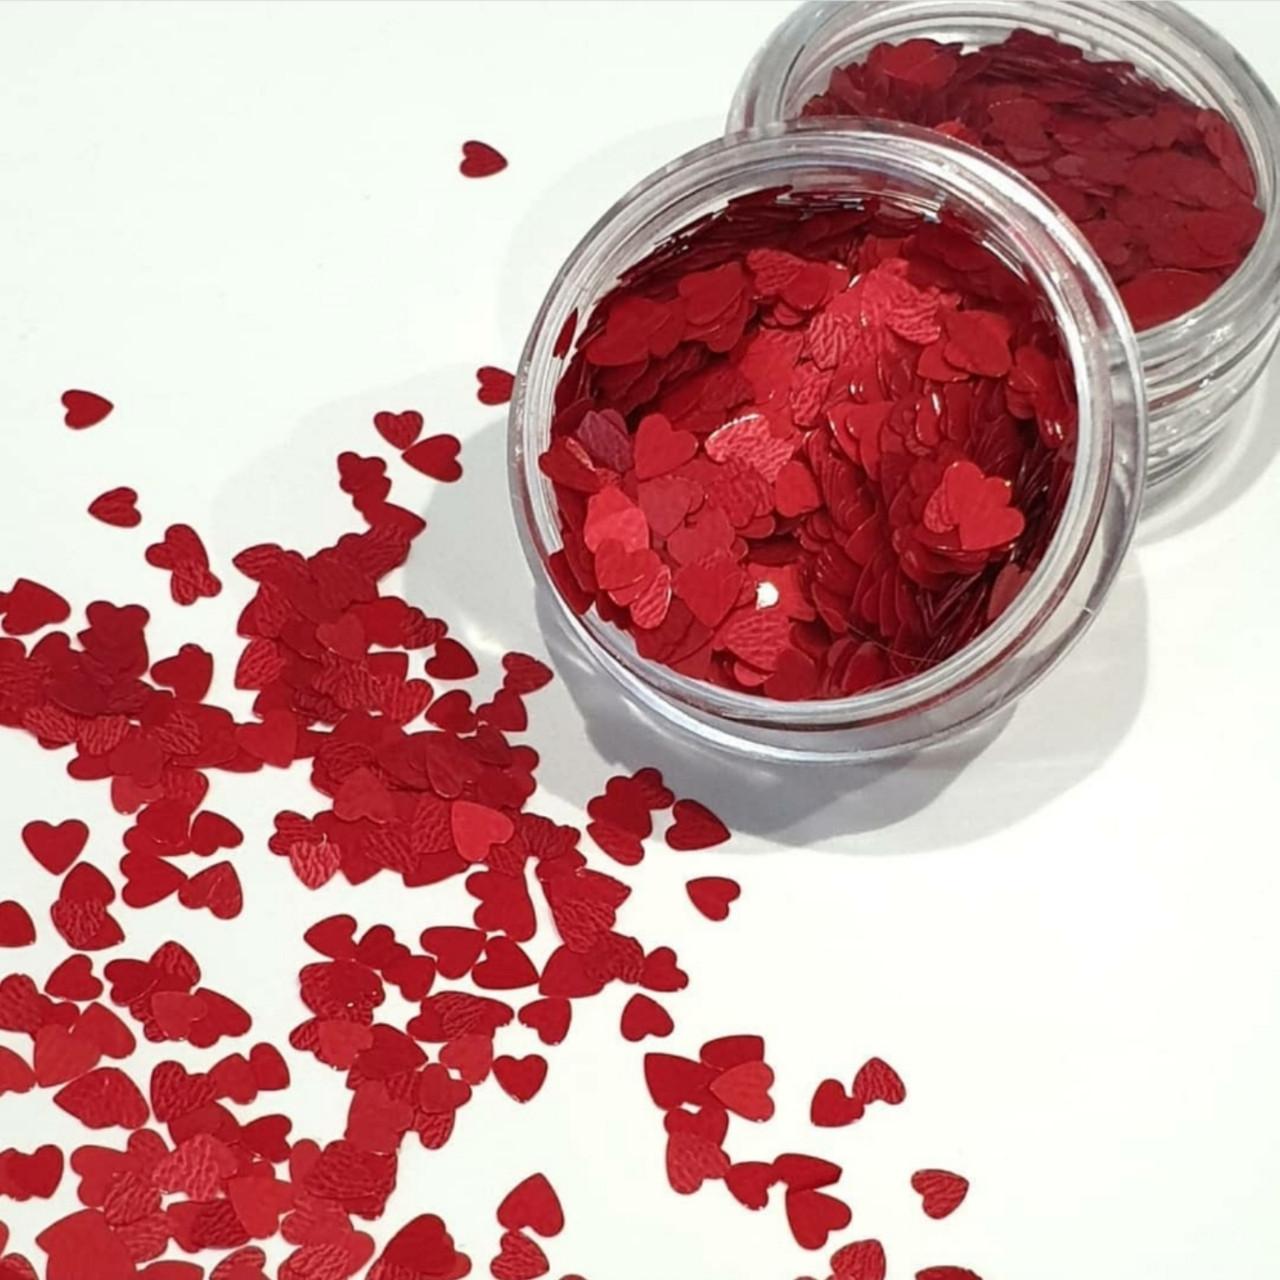 Камифубики сердечки красные